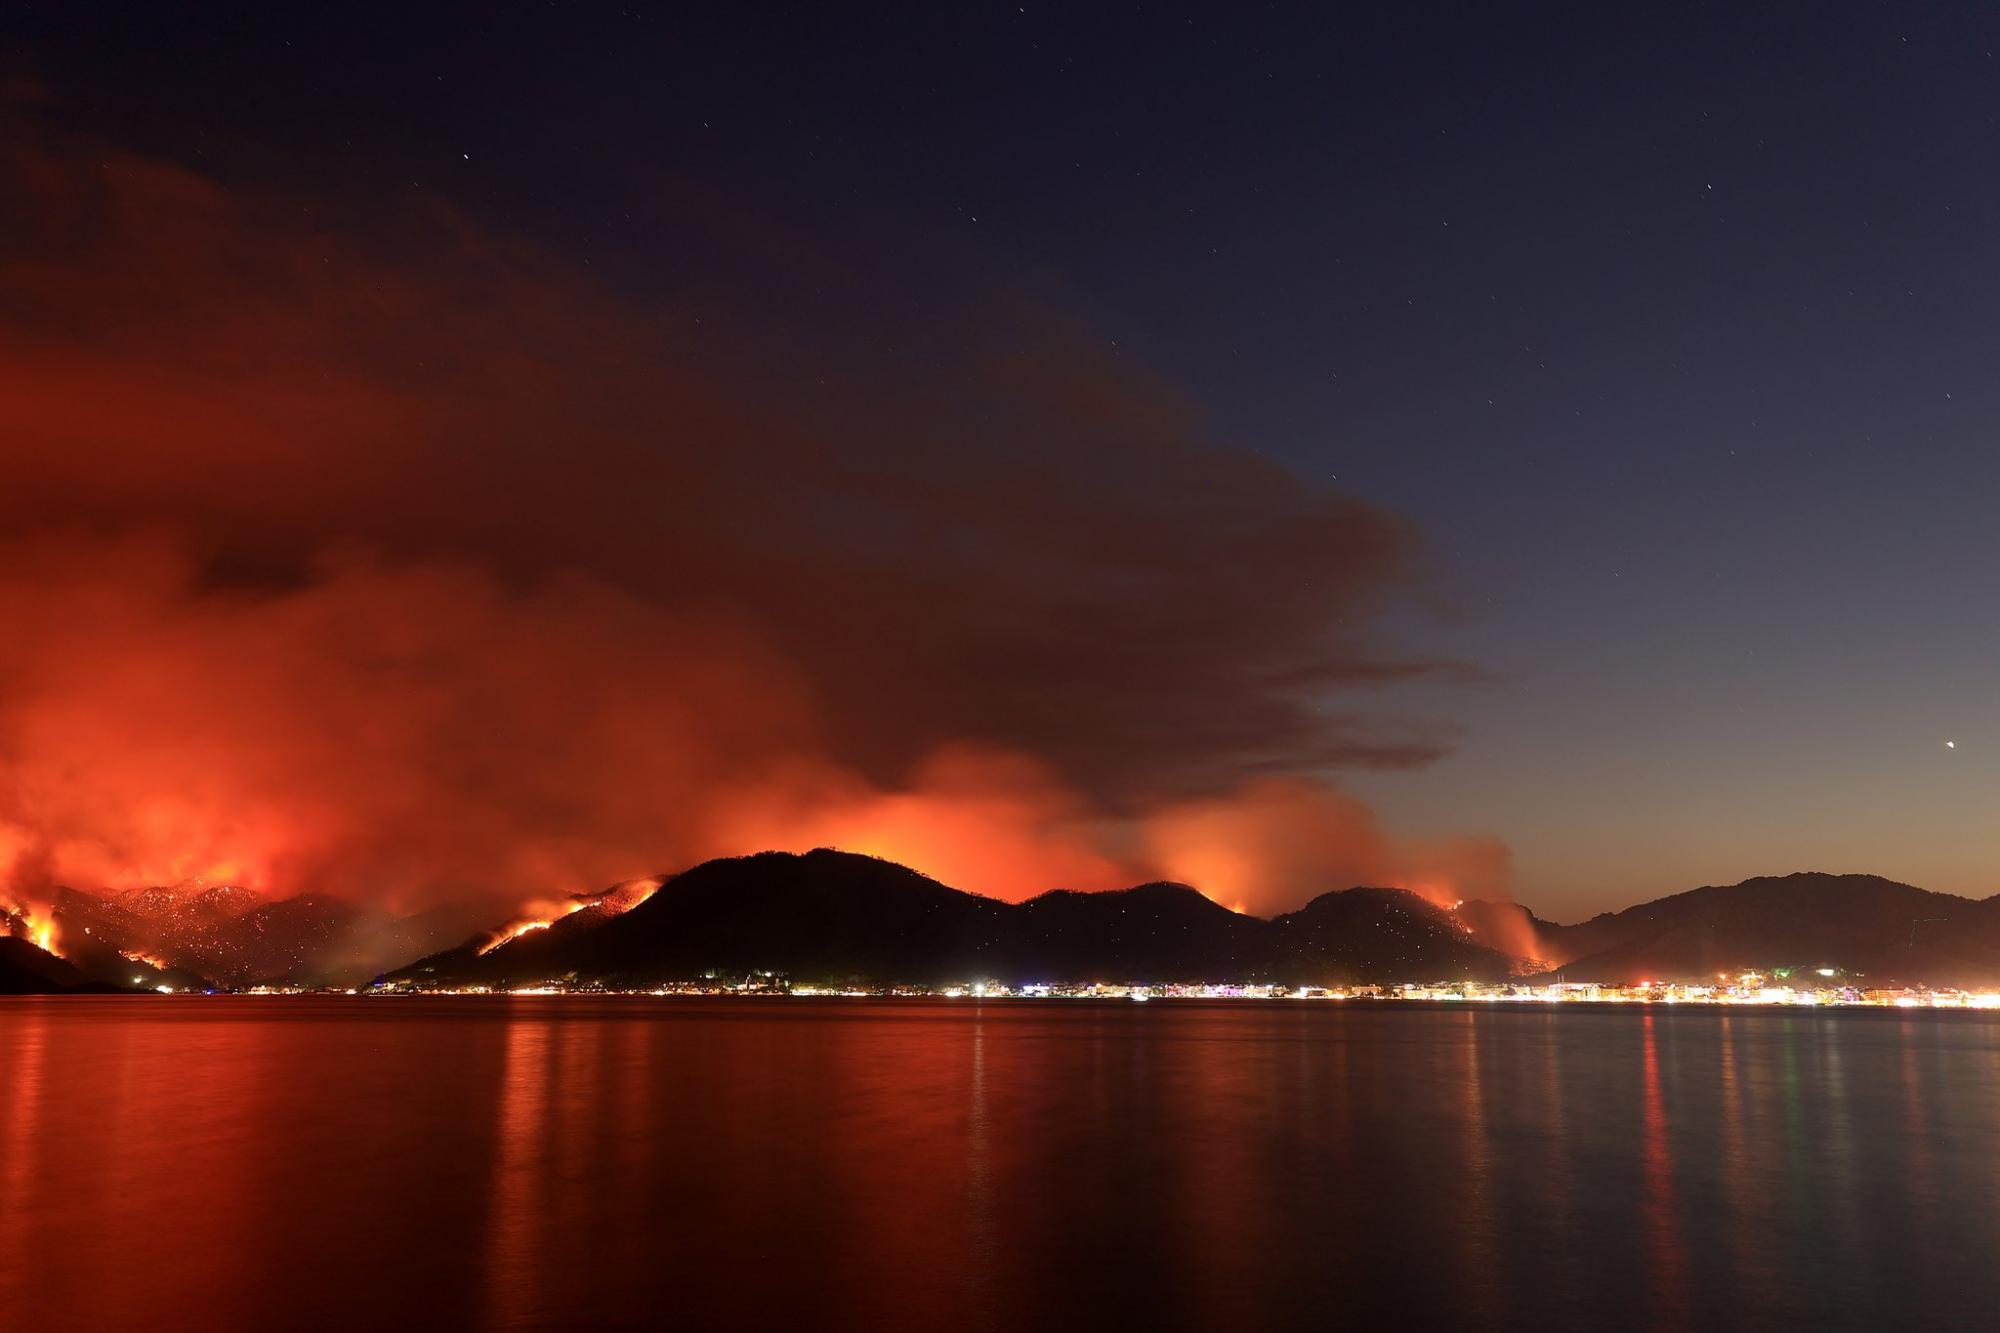 Турцию охватили масштабные пожары: есть ли угроза для курортов